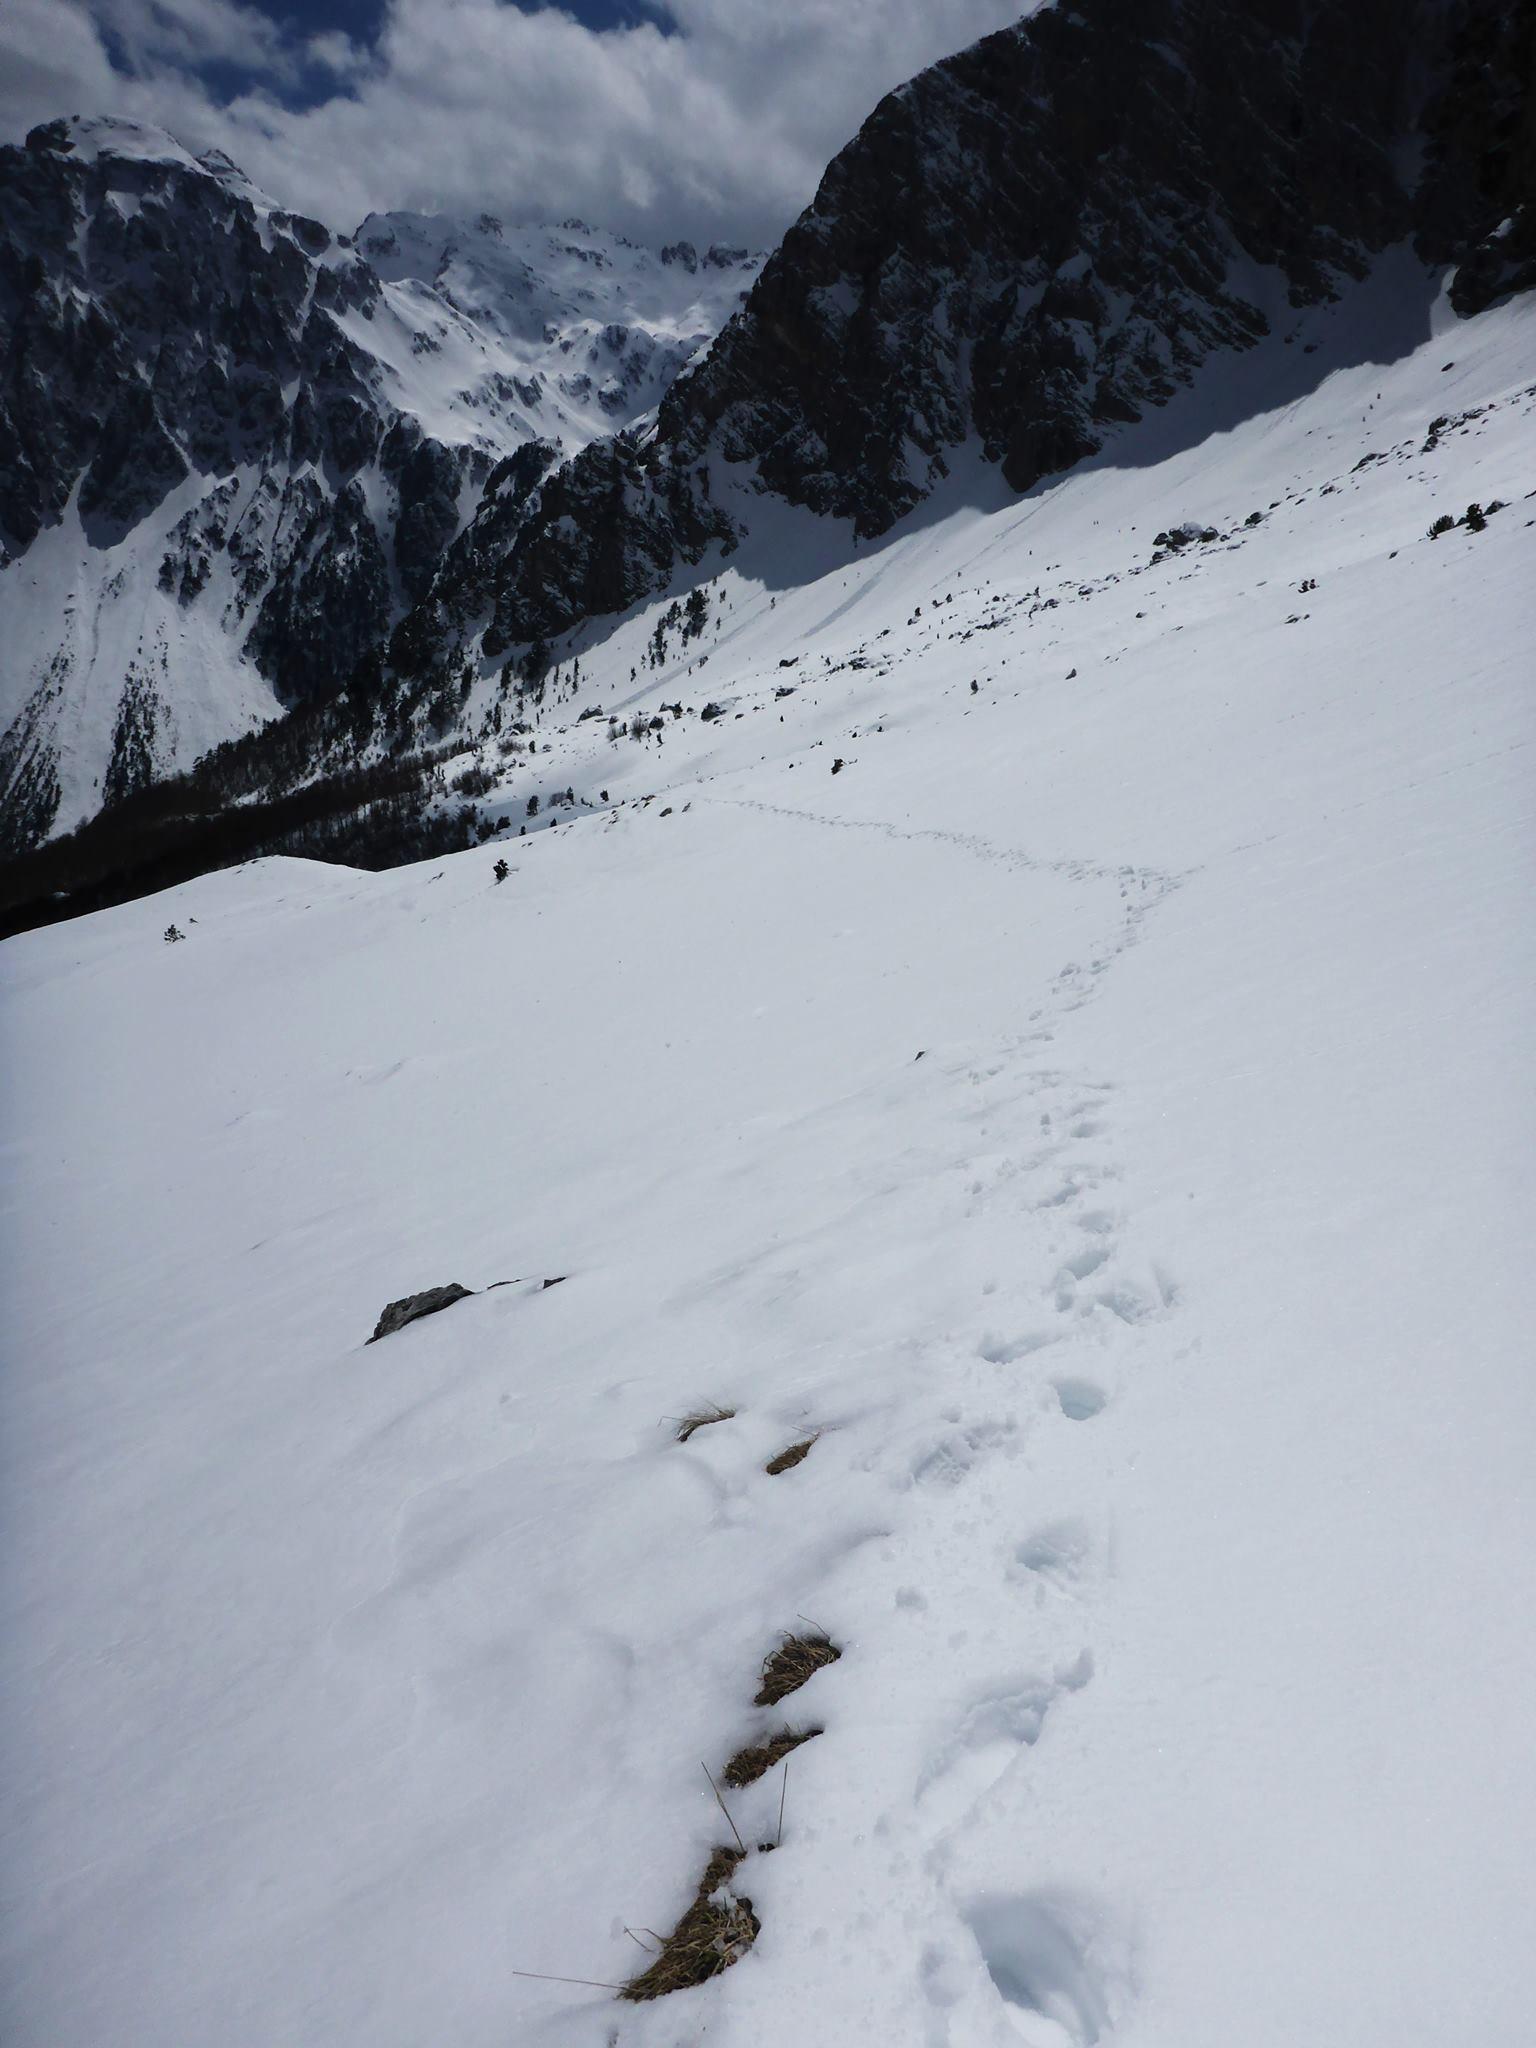 La neige est de plus en plus profonde au fur et à mesure que je grimpe en altitude.